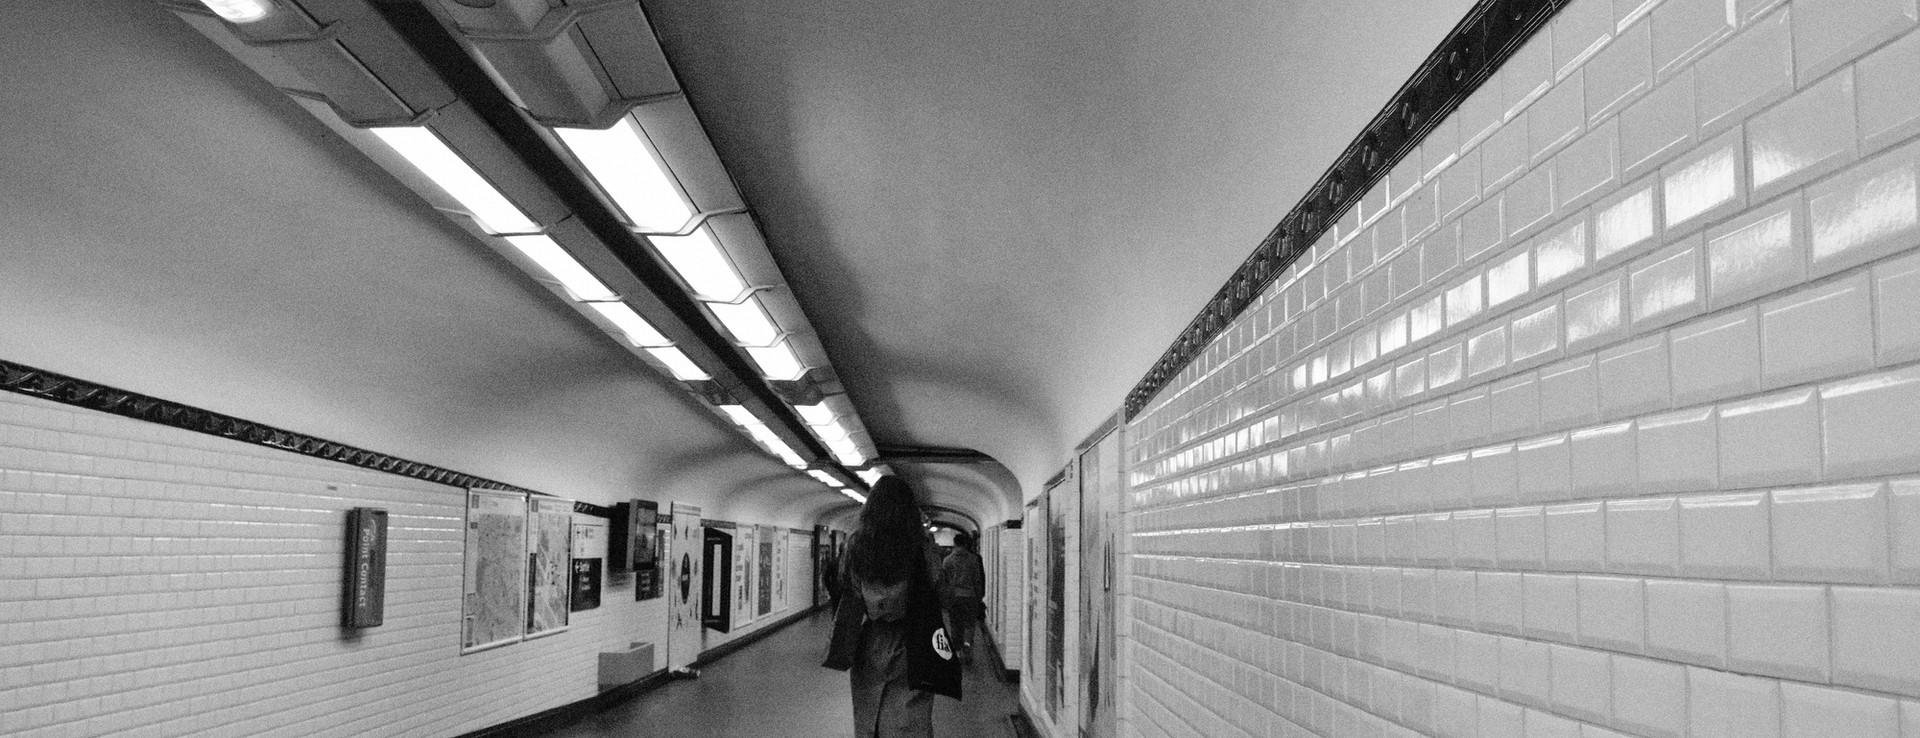 A Jean-Luc Godard scene